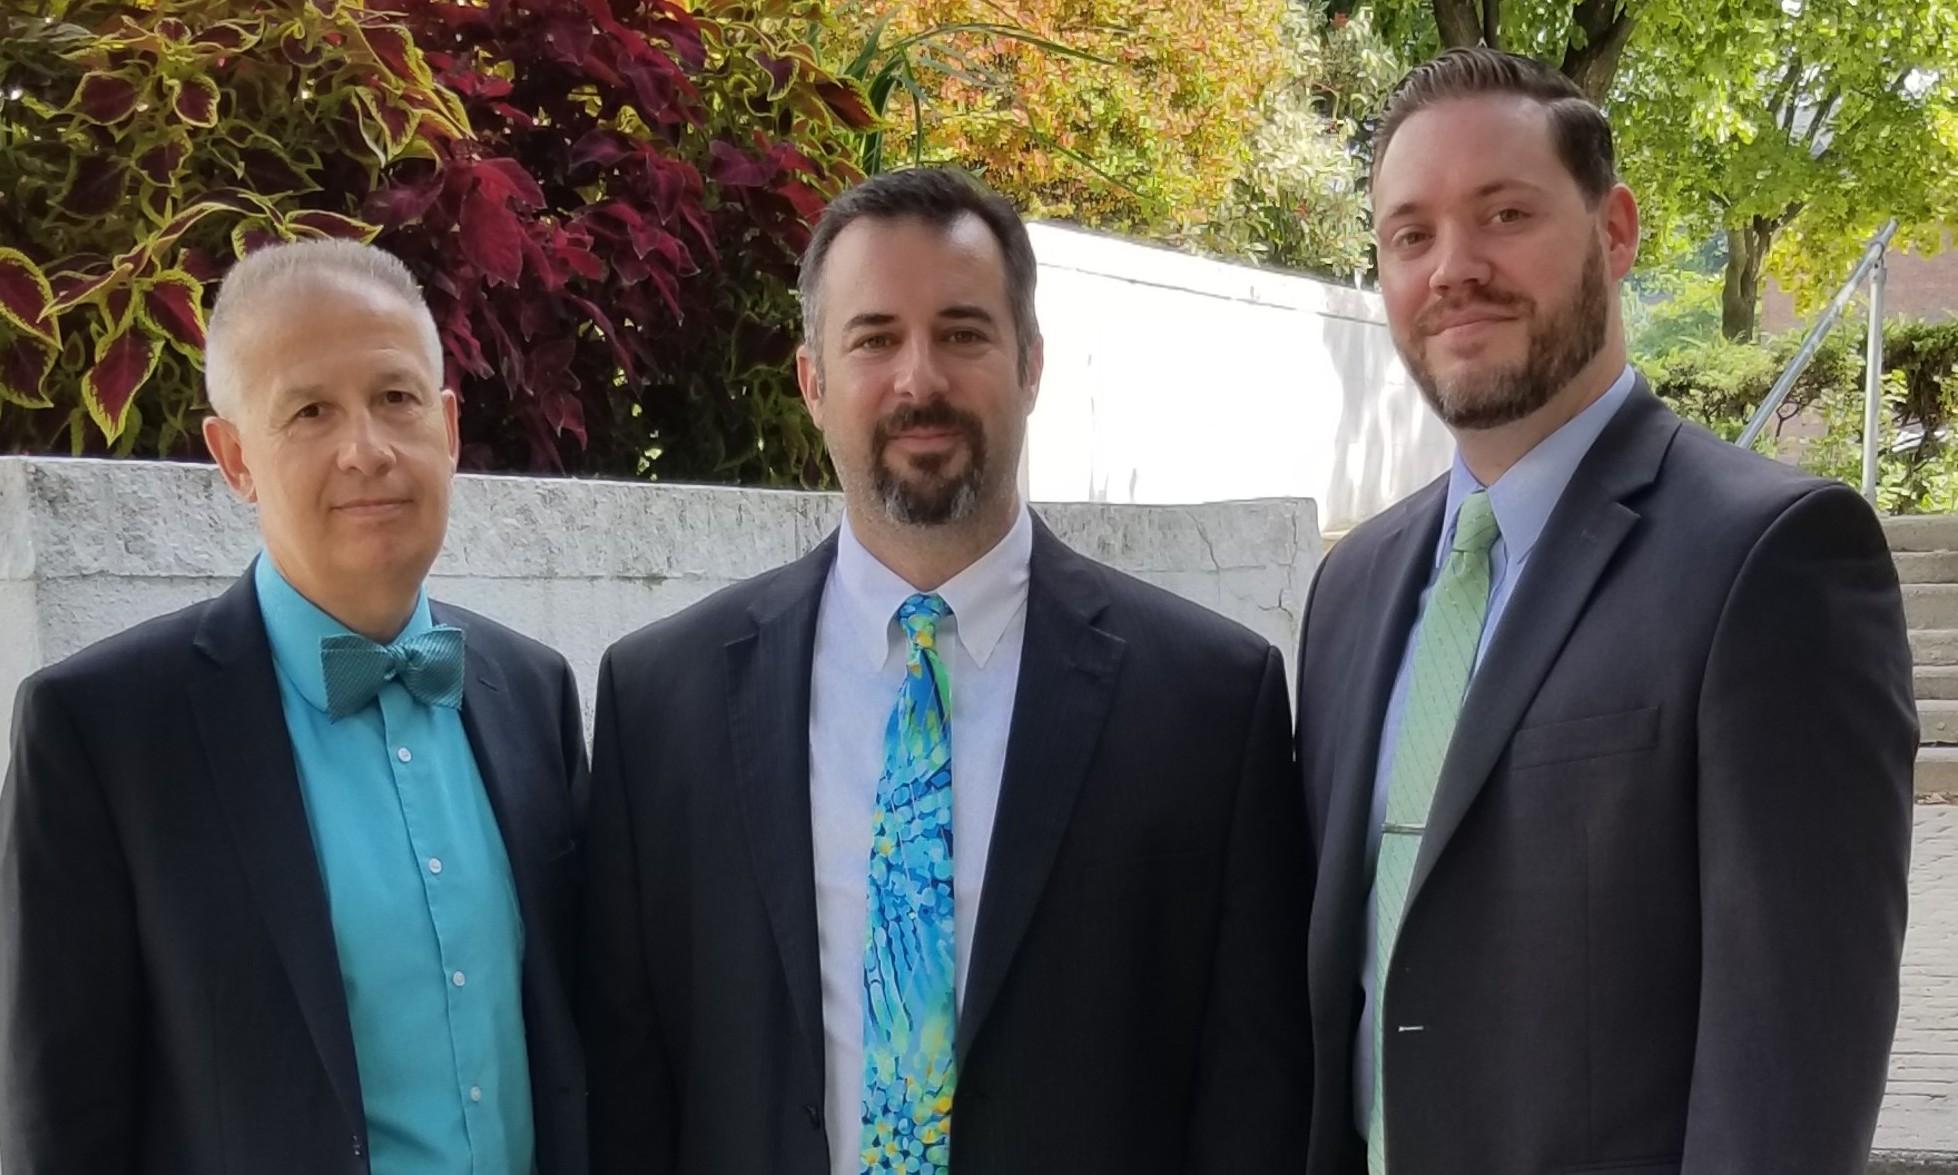 Current partners from left to right: Ronald Bissonnette, Daniel D'Auteuil Jr., Jason Dionne